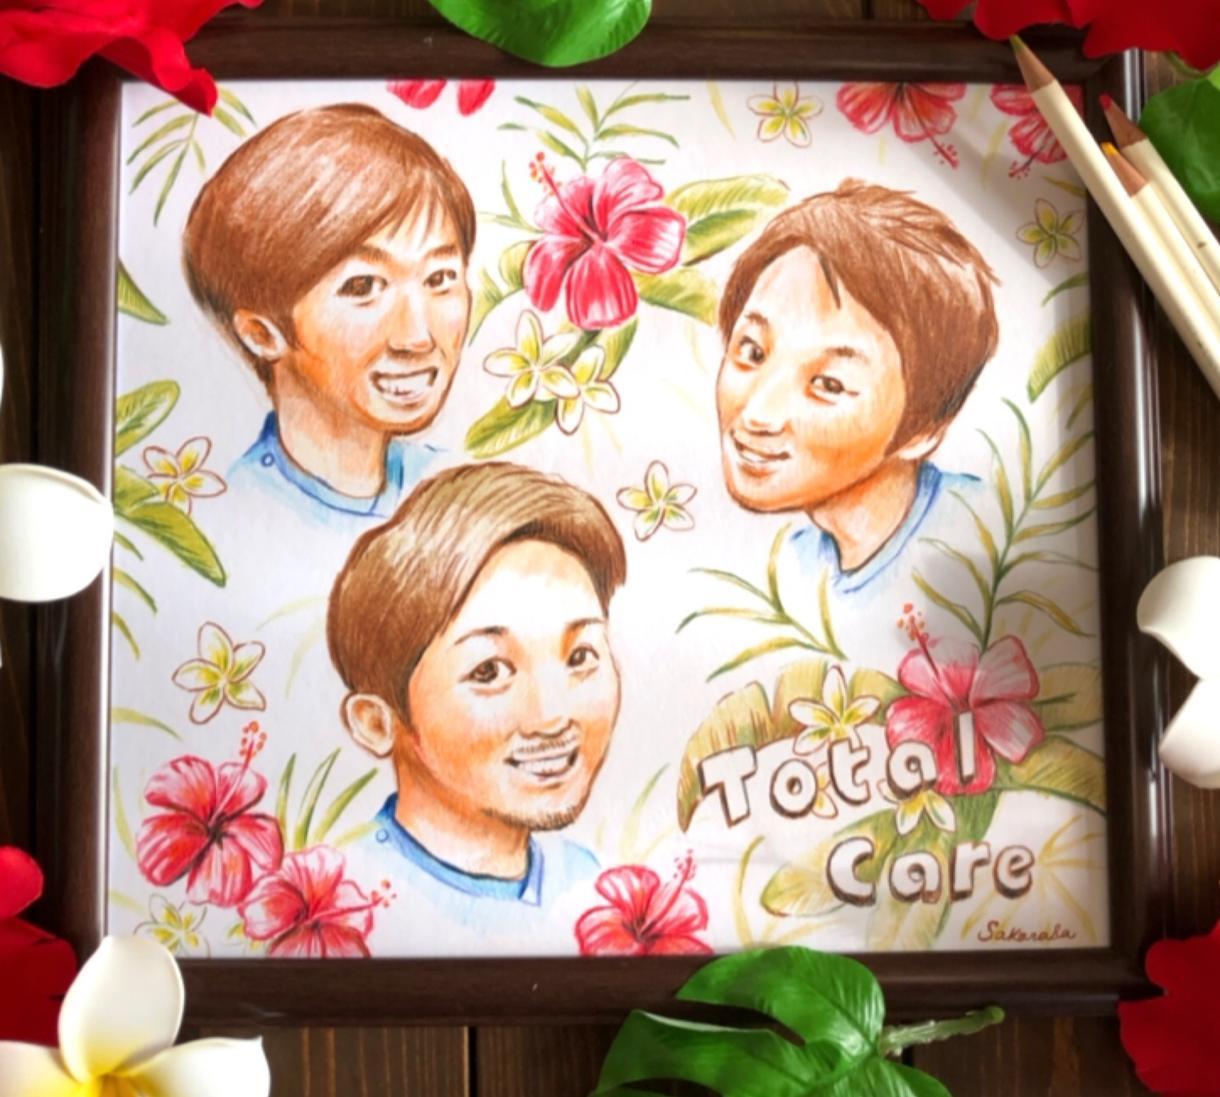 イラストやロゴデザイン、似顔絵を色鉛筆で描きます 食べ物、植物、似顔絵を主に色鉛筆でかわいく描いています。